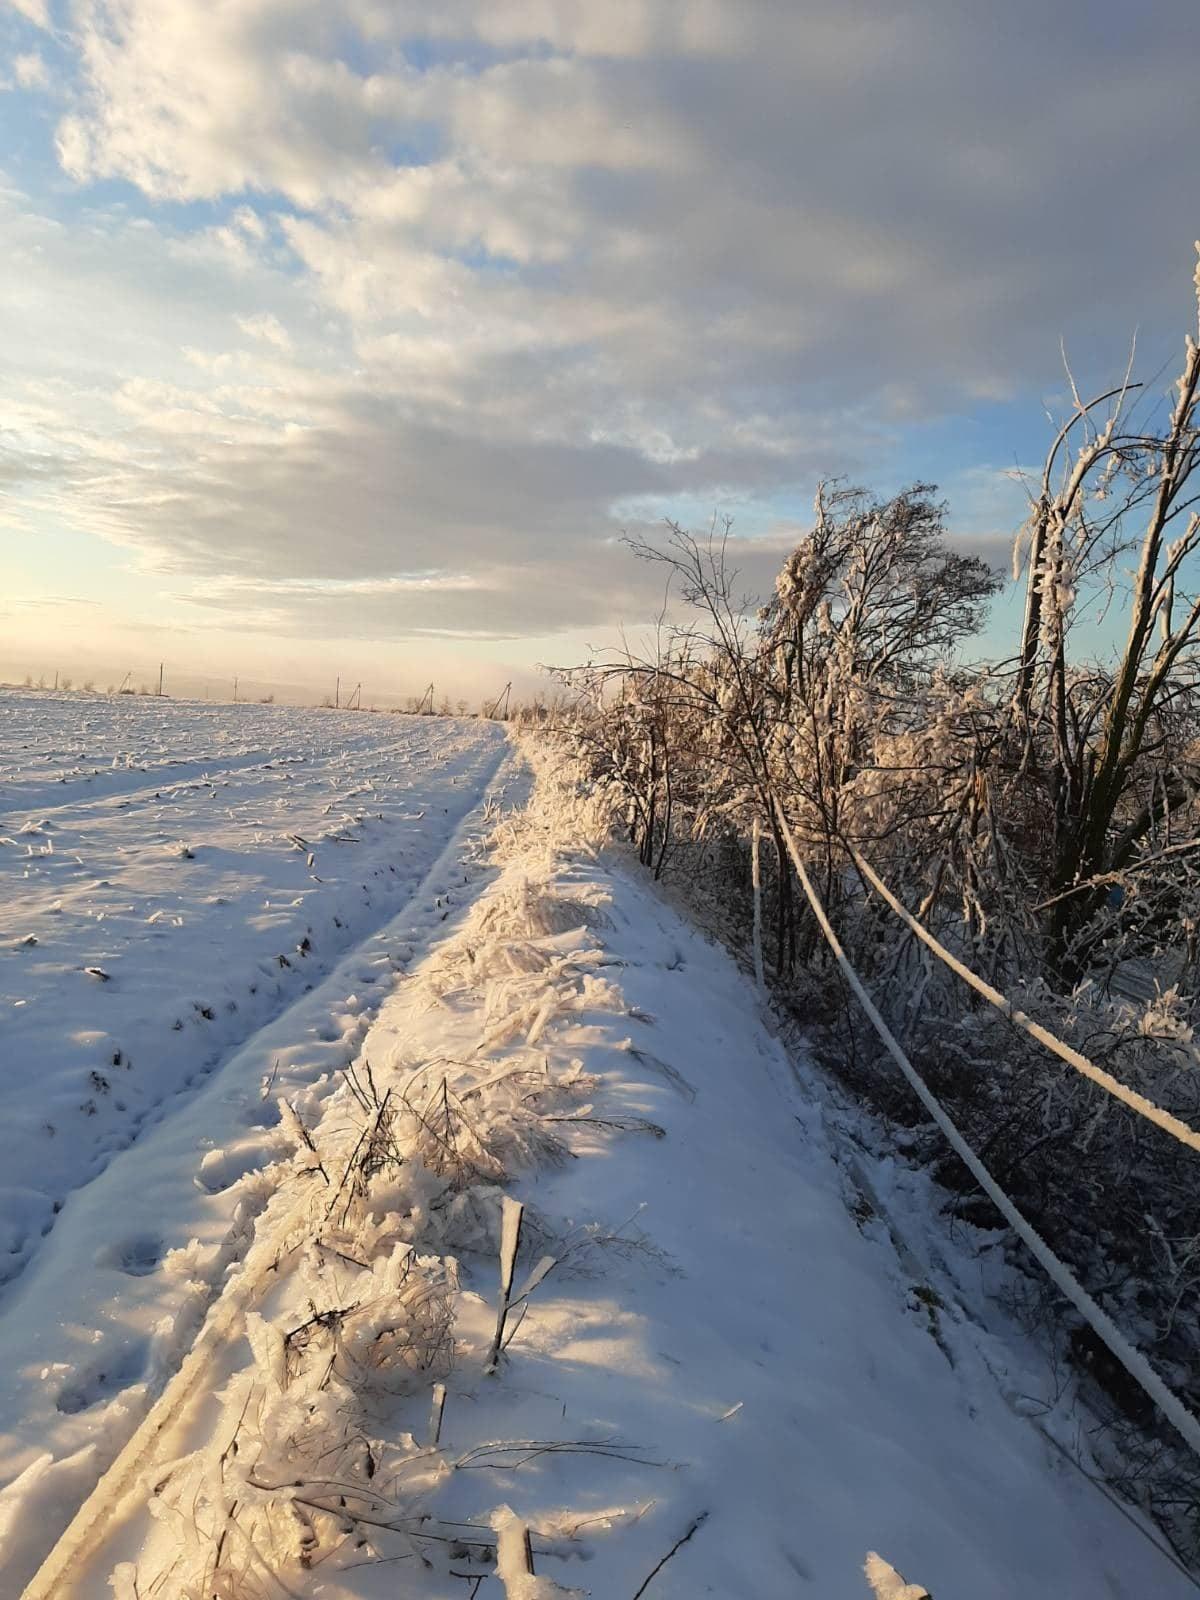 ВМолдове 60населенных пунктов остались без электричества из-за непогоды (ФОТО)